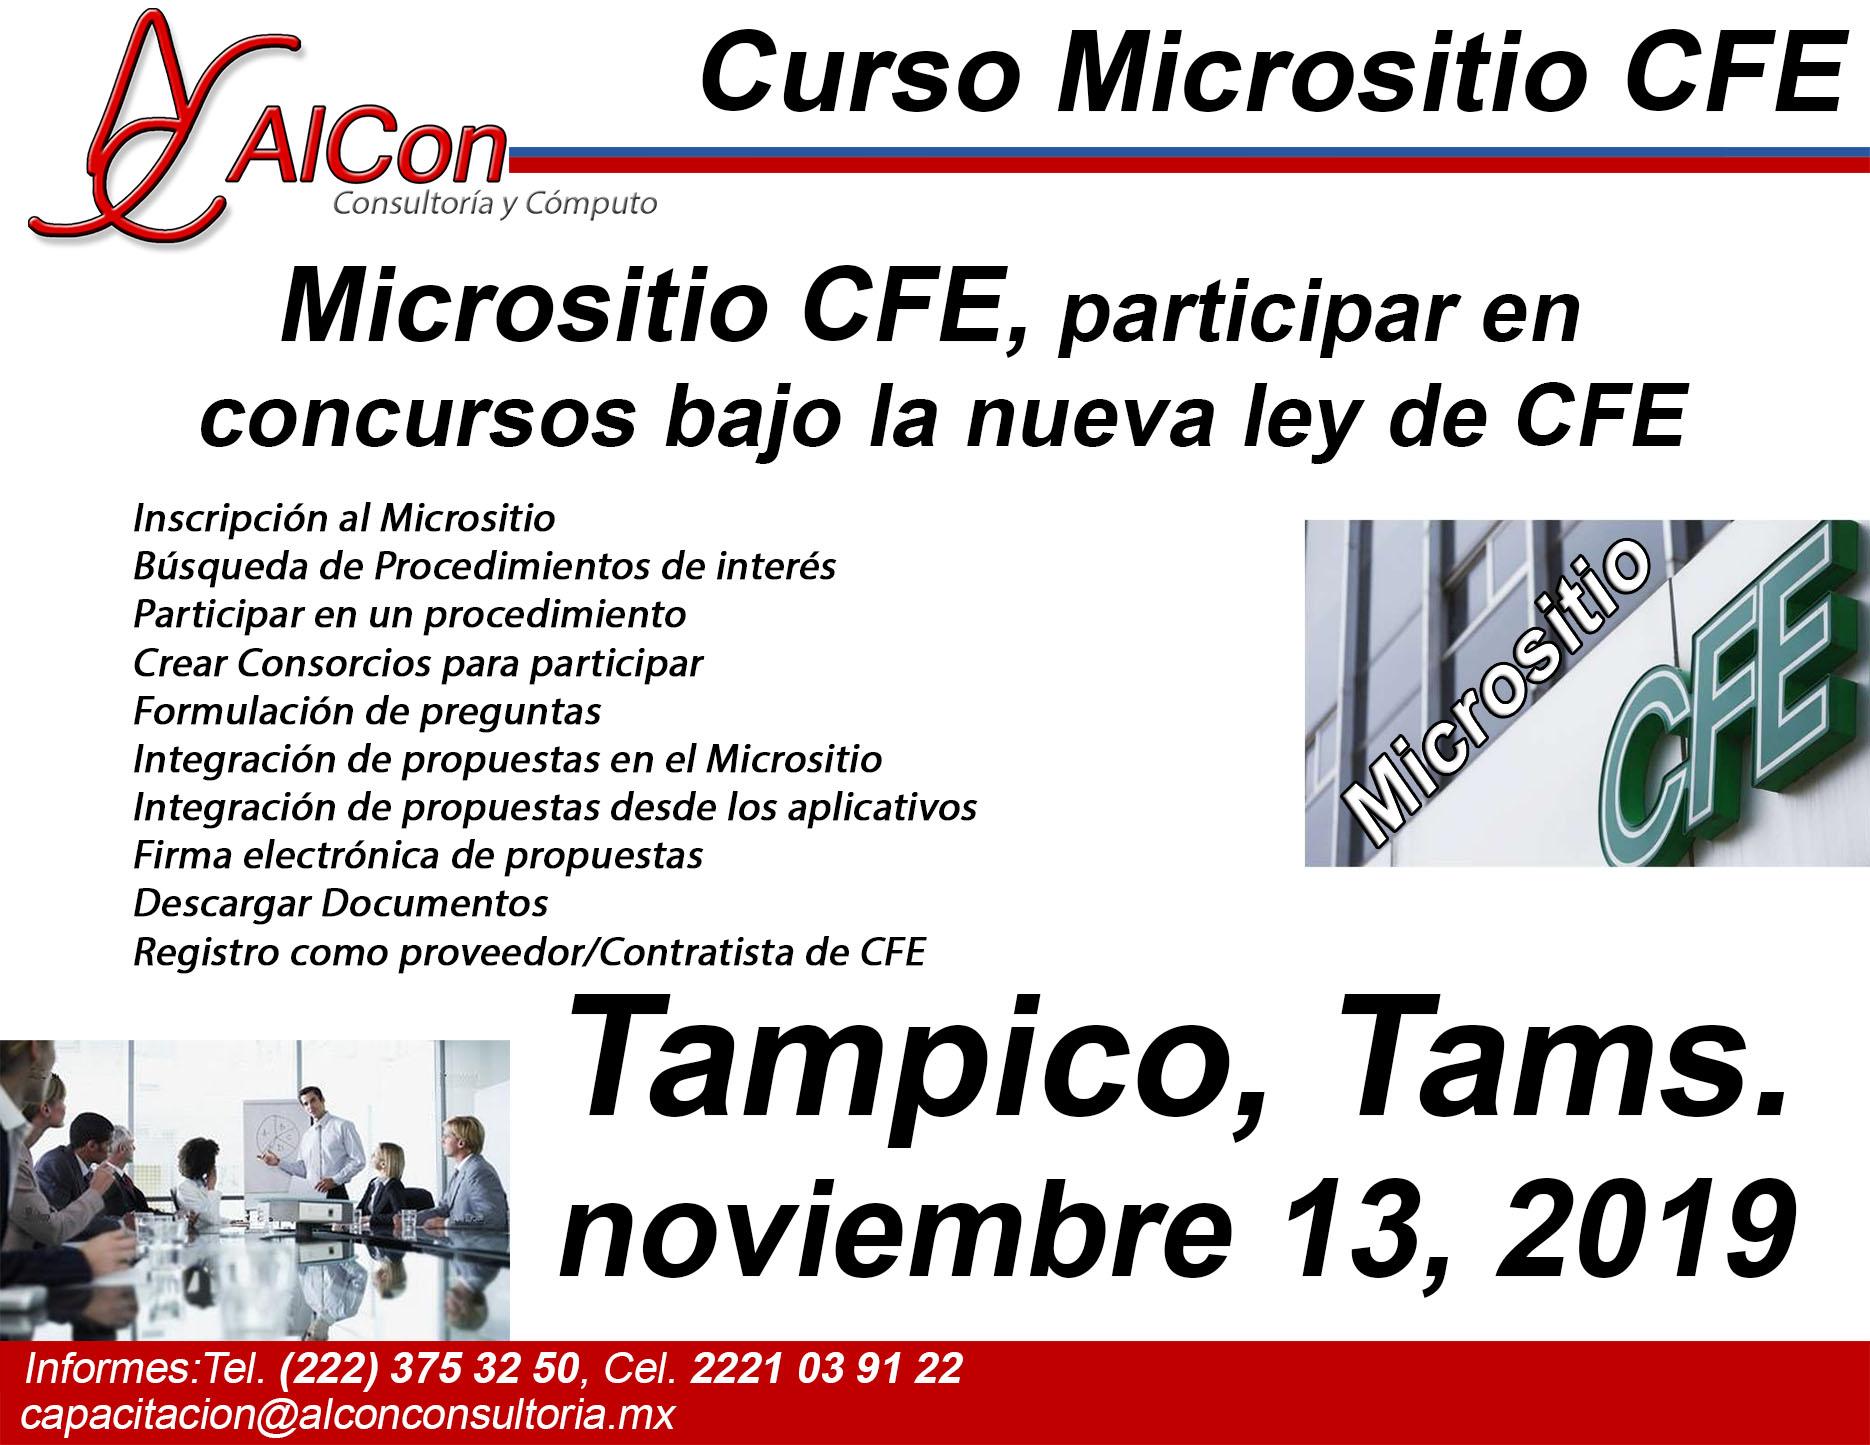 Curso de  Micrositio CFE Tampico. Tamaulipas, AlCon Consultoría y Cómpupto, AlCon Consulting And Commerce